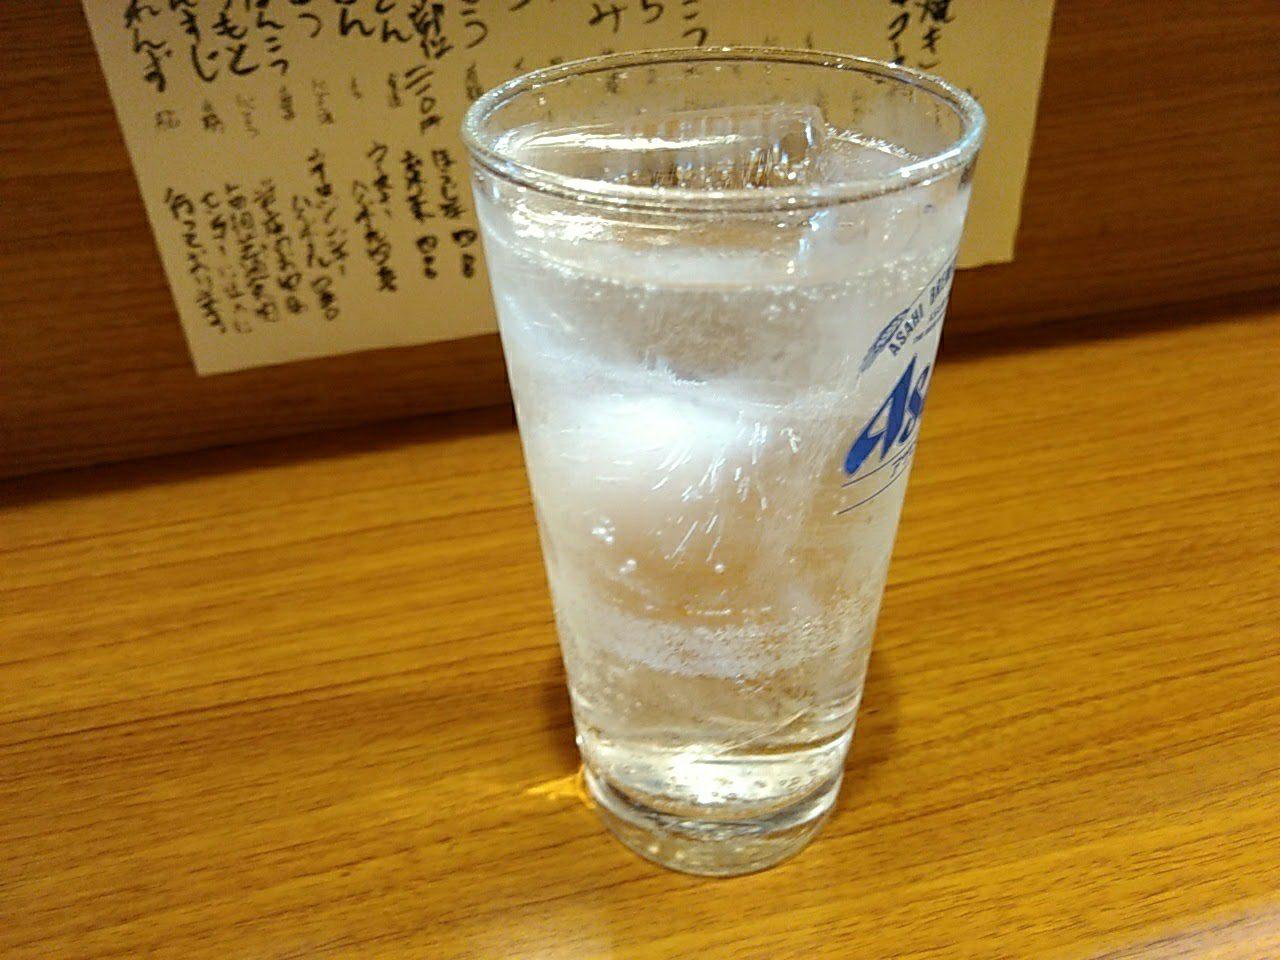 16-11-15-18-43-47-094_photo